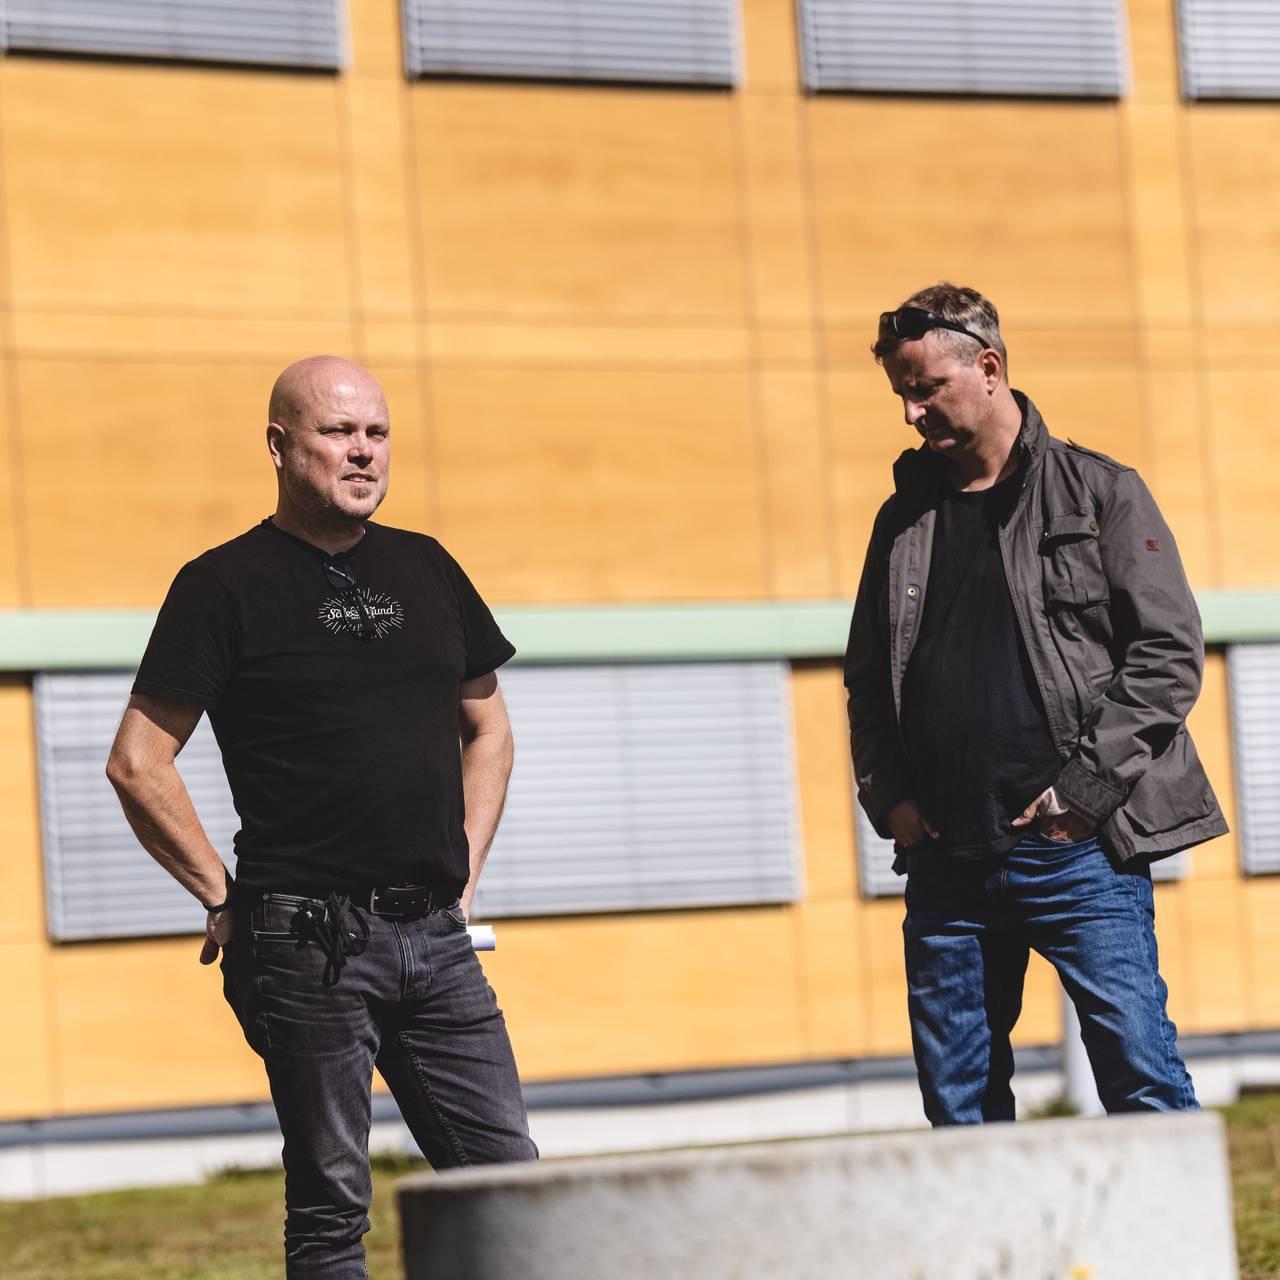 Beredskapsansvarlig i Sør-Odal, Morten Andreassen og beredskapsansvarlig i Kongsvinger står utenfor rådhuset i Sør-Odal.